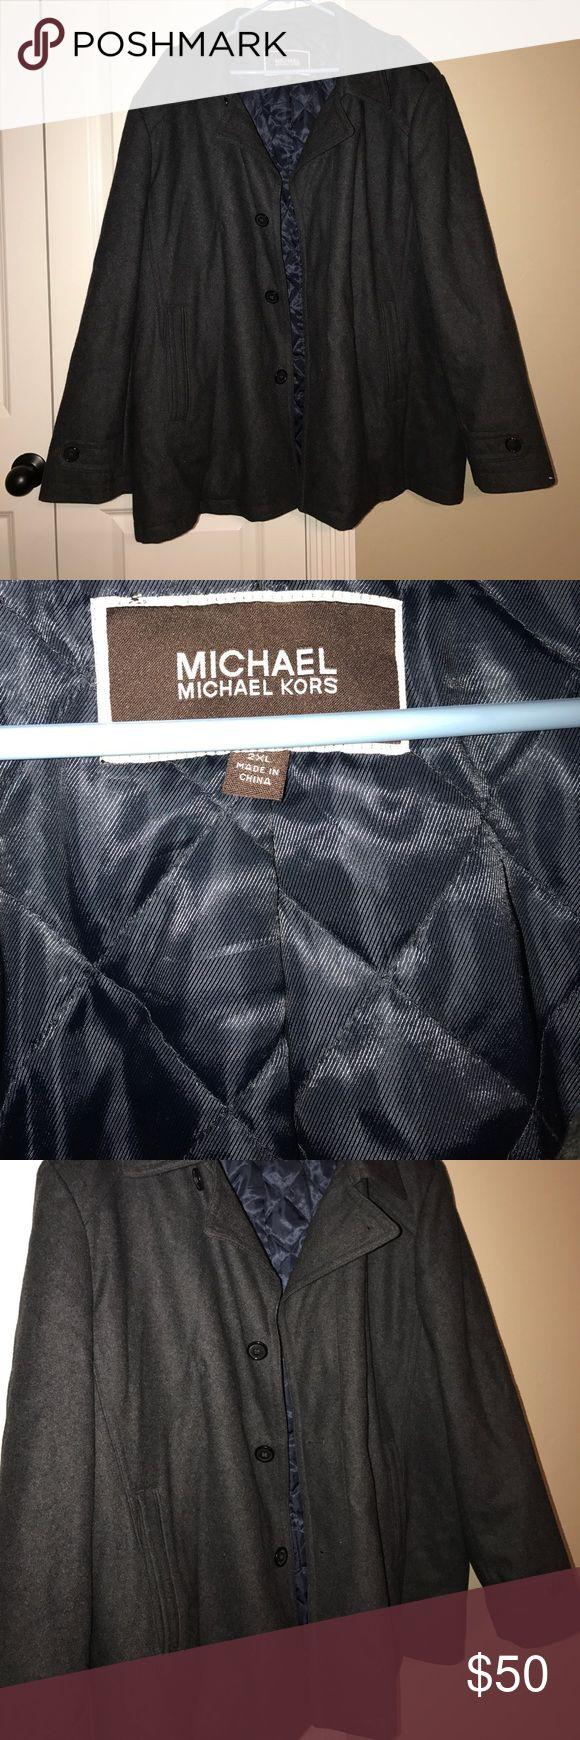 Men's Michael Kors heavy coat -2XL Great condition- MICHAEL Michael Kors Jackets & Coats Pea Coats